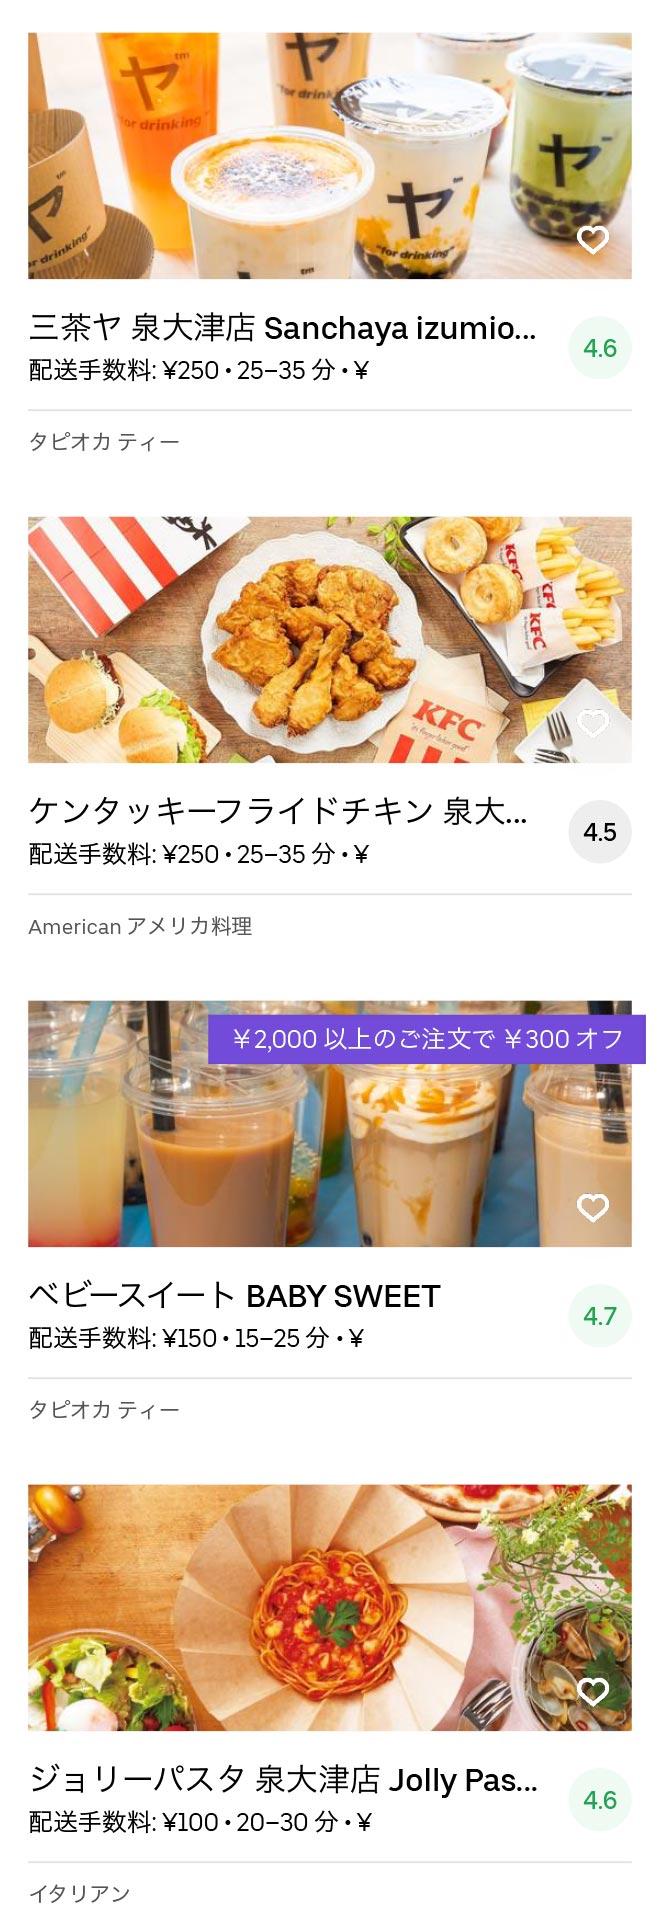 Izumi fuchu menu 2005 02